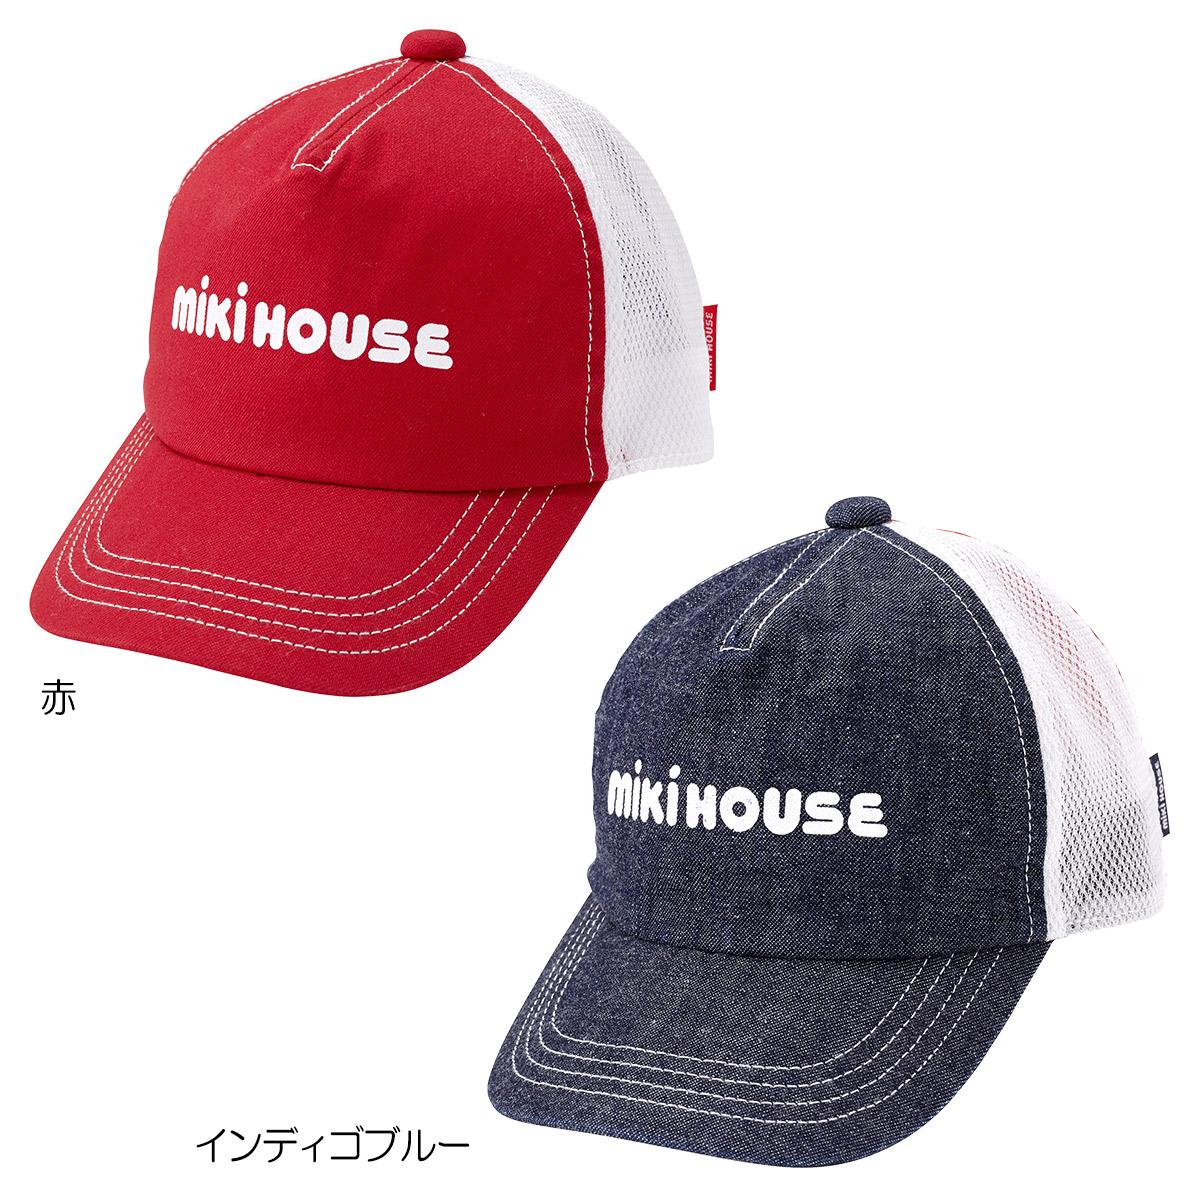 [mikihouse][ミキハウス]ロゴ入りメッシュキャップ〈S-LL(48cm-56cm)〉